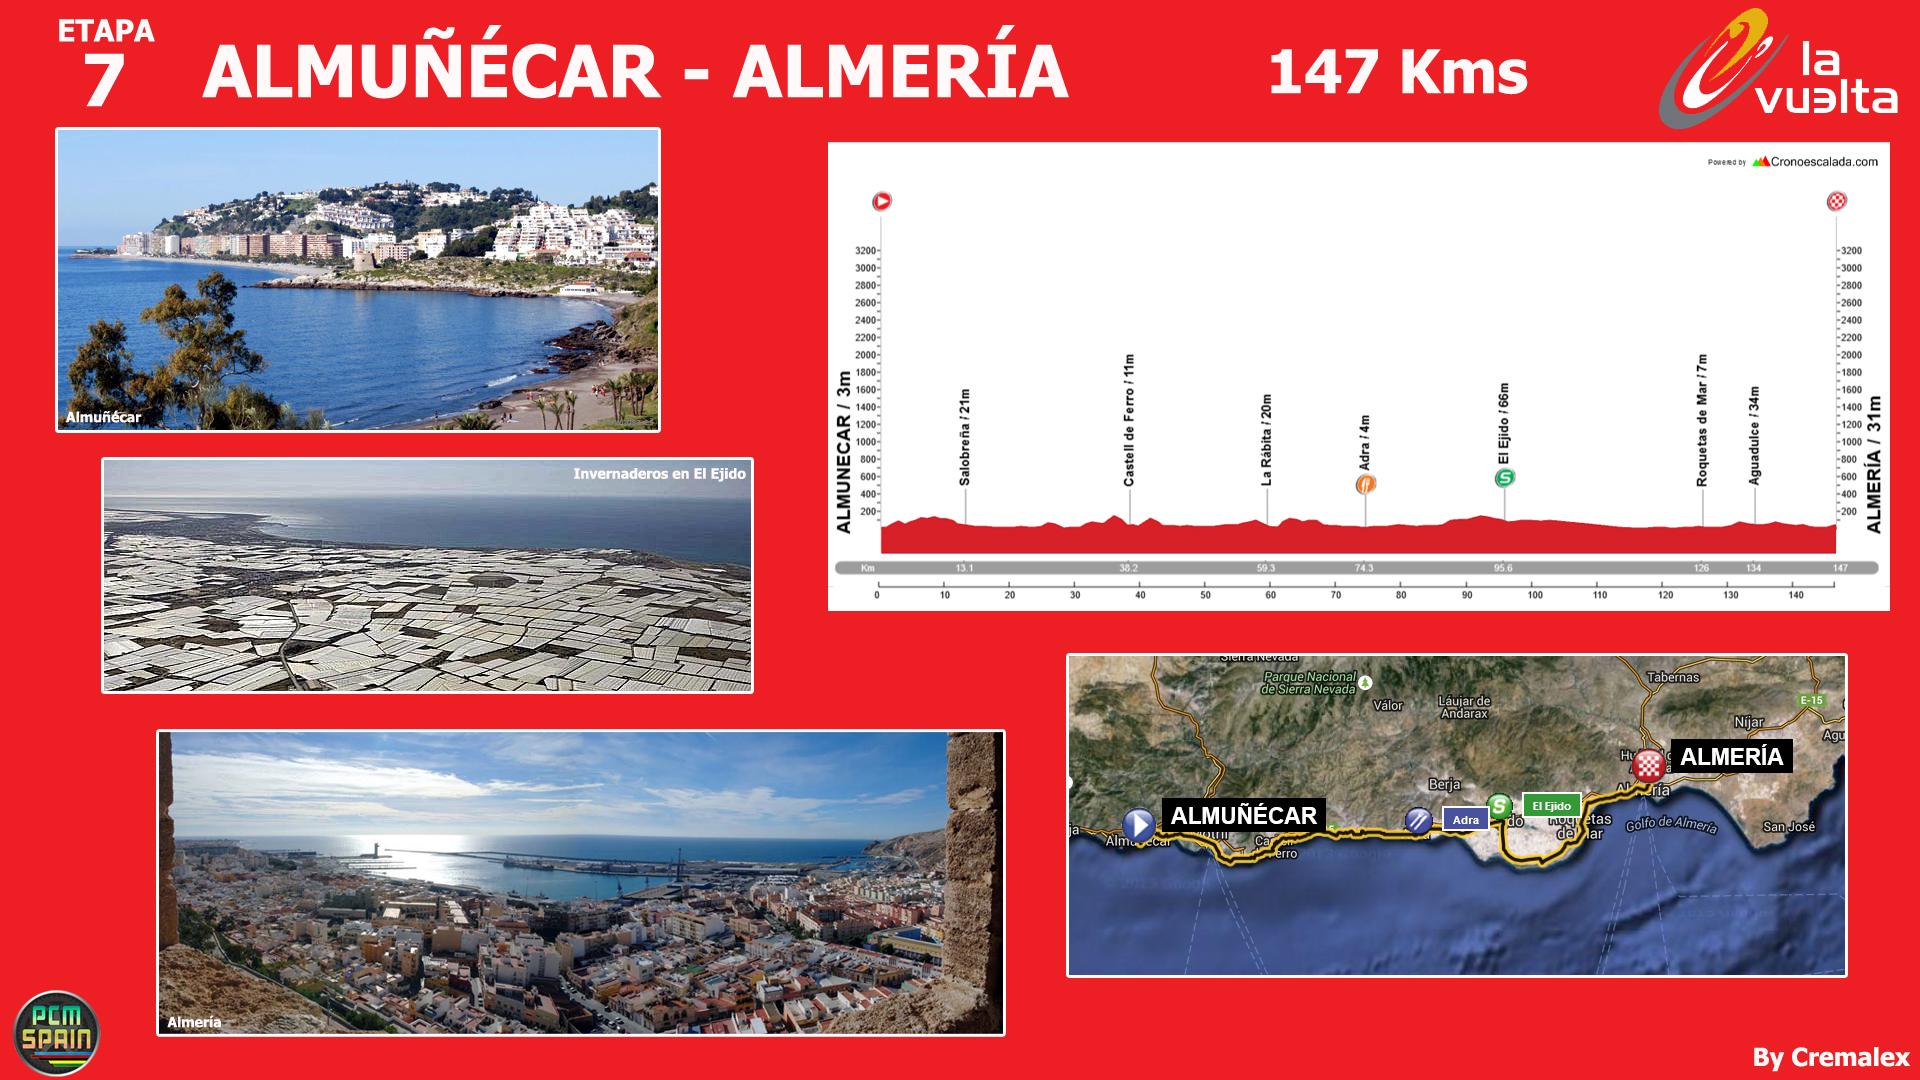 Concurso Vuelta a España 2015 - Página 6 790630Etapas07